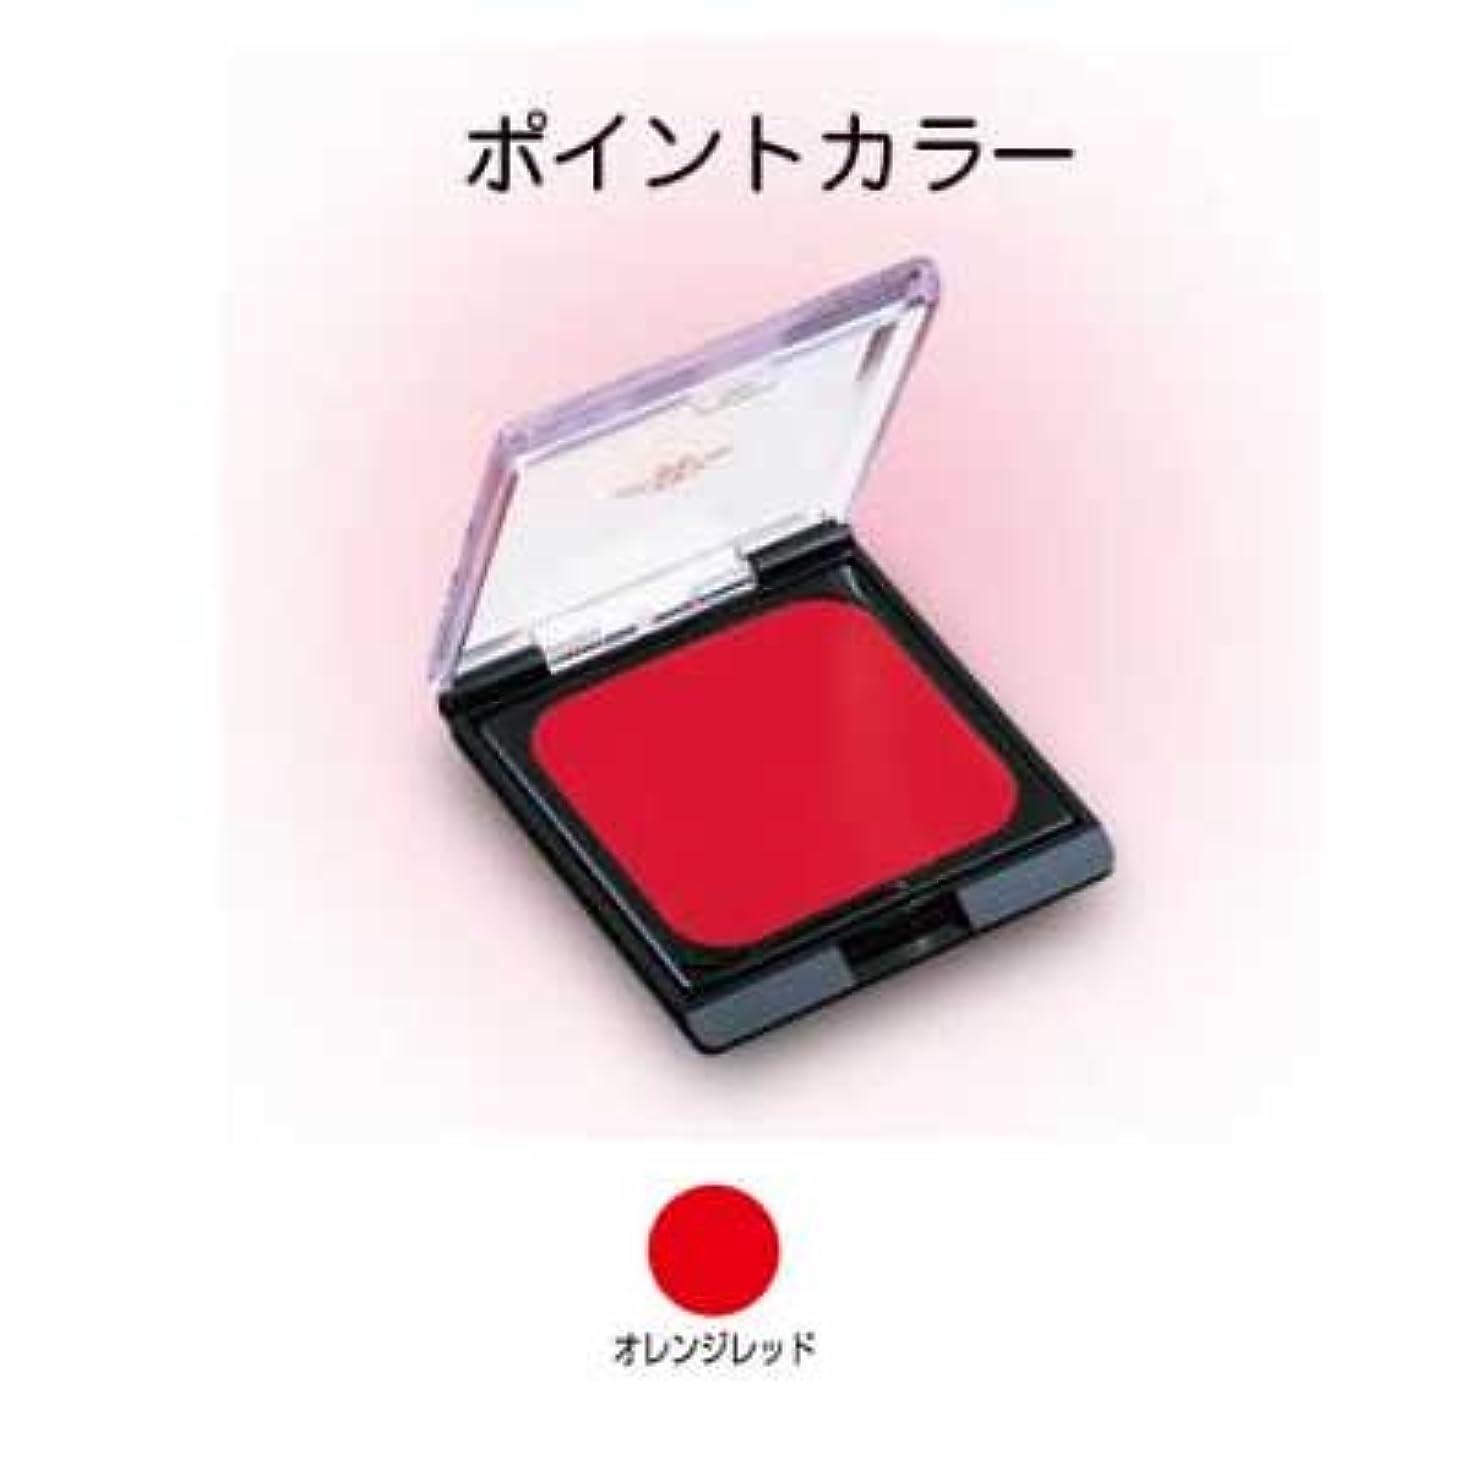 三善 クラウンカラー 7g オレンジレッド